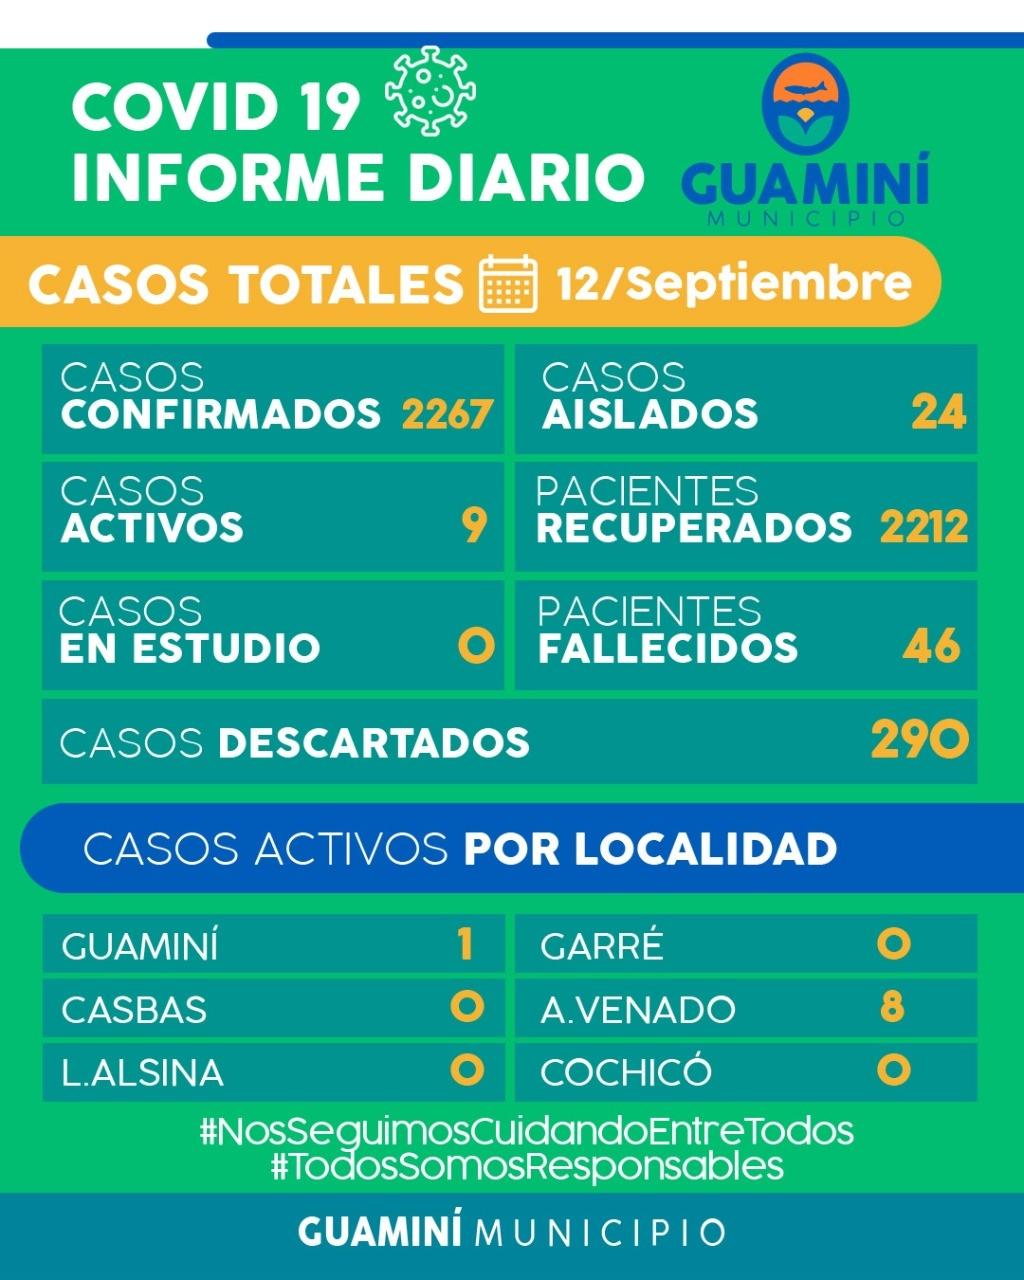 CORONAVIRUS: INFORME DIARIO DE SITUACIÓN A NIVEL LOCAL - 12 DE SEPTIEMBRE -